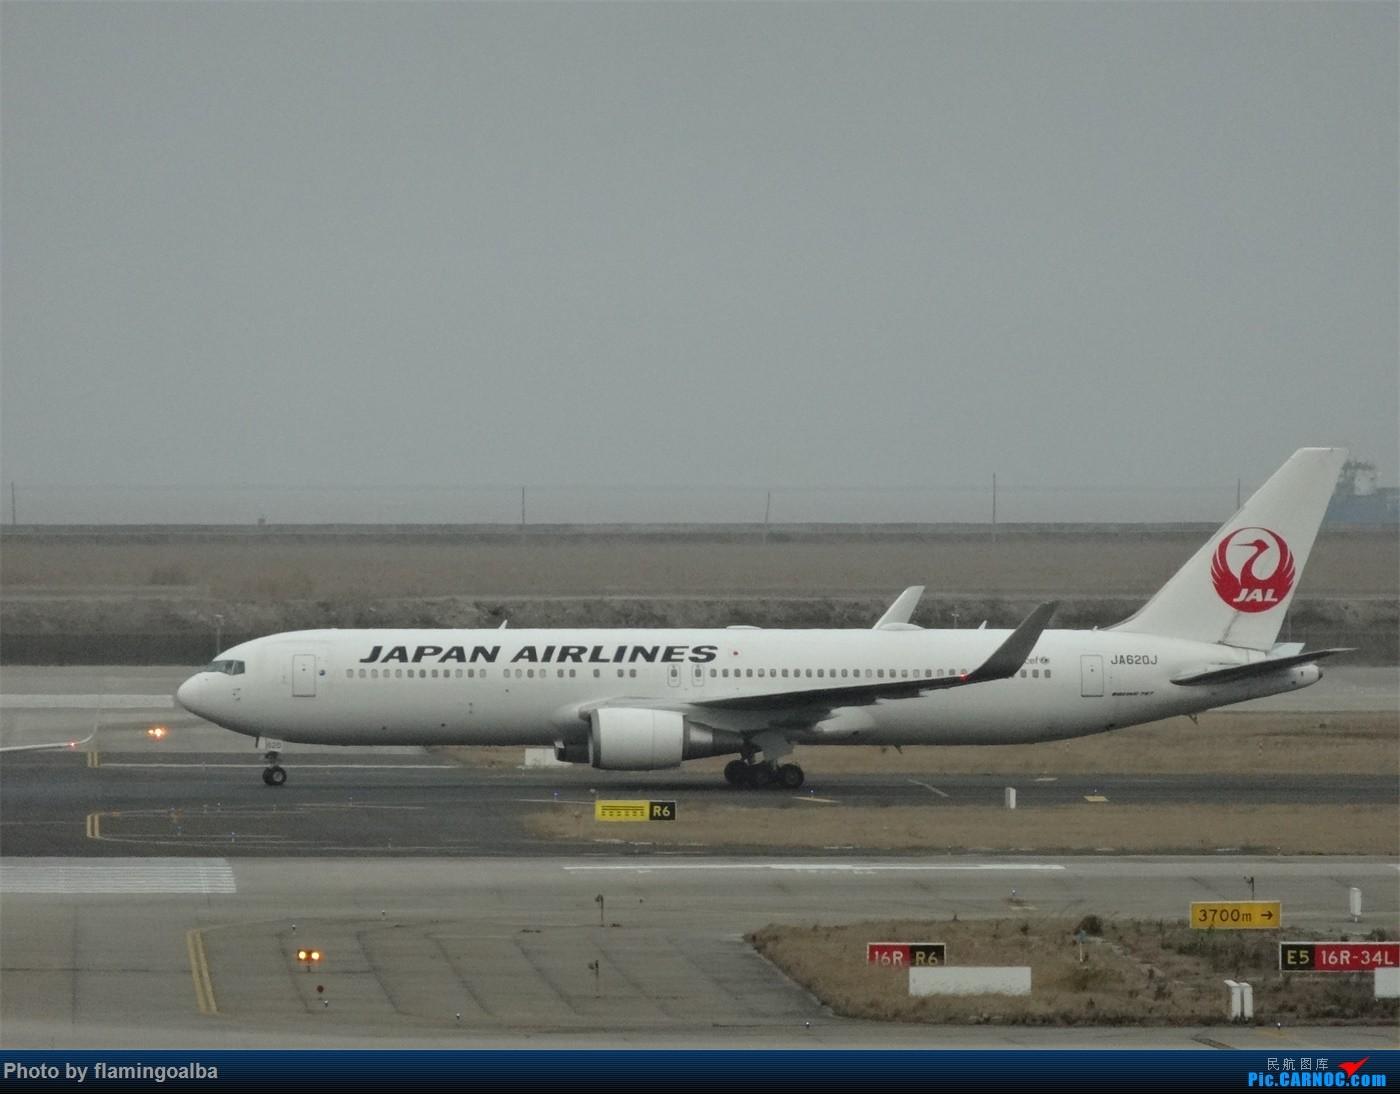 Re:[原创]浦东-达拉斯-纽瓦克-华盛顿里根-拉斯维加斯-洛杉矶-达拉斯-浦东 B767-300 JA-620J 中国上海浦东国际机场